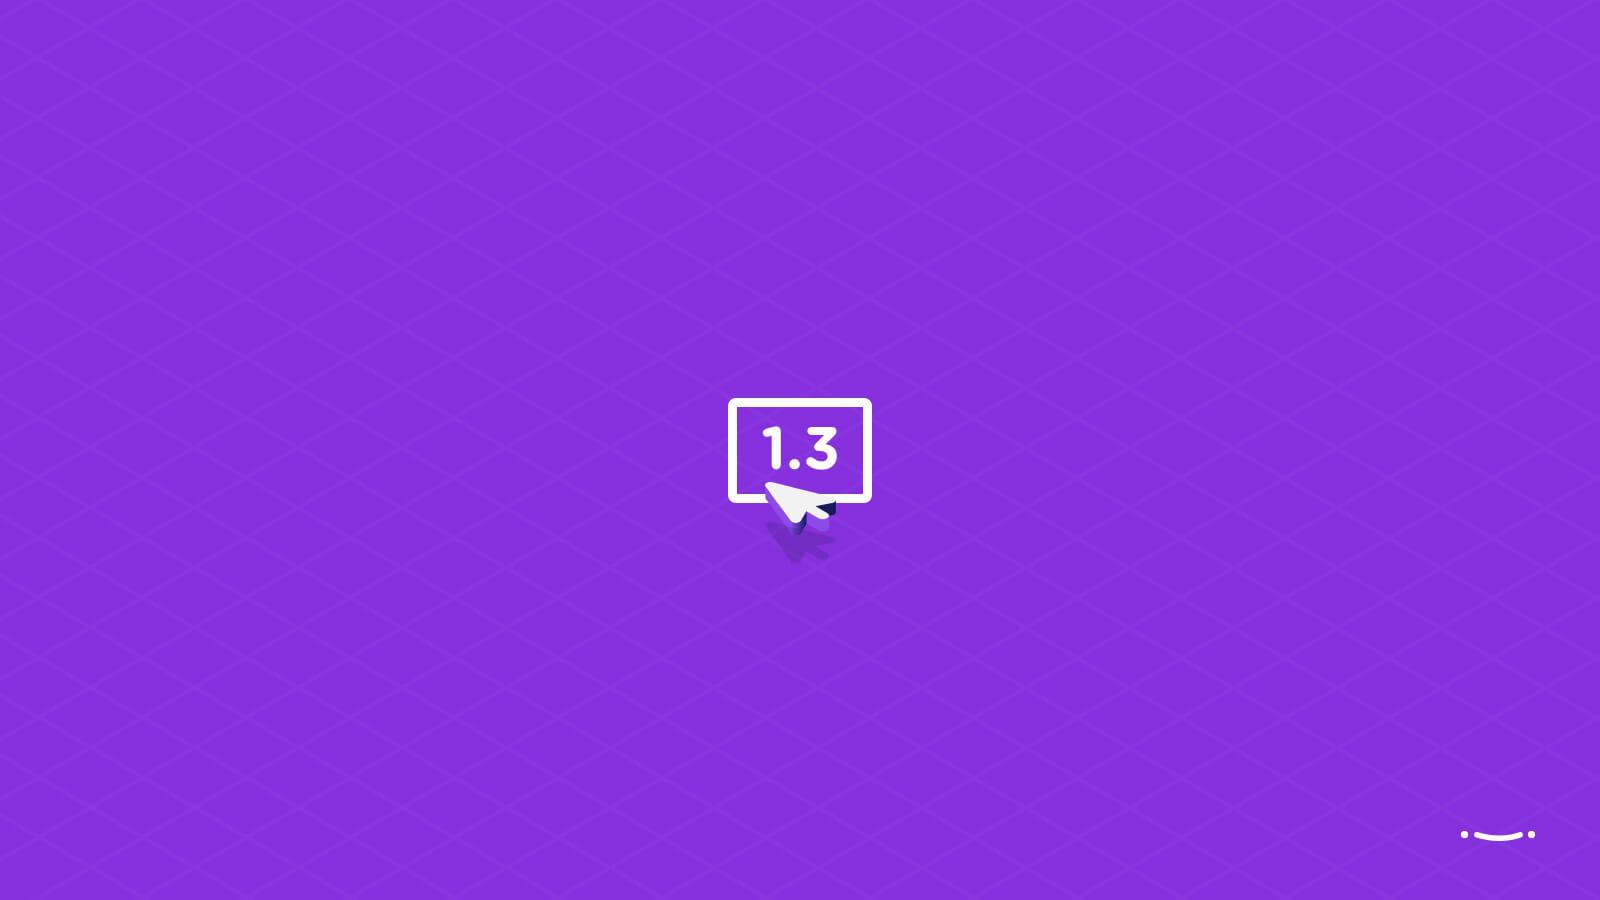 Sanlam Indie 1.3 - making it easier to understand your Sanlam Indie Plan